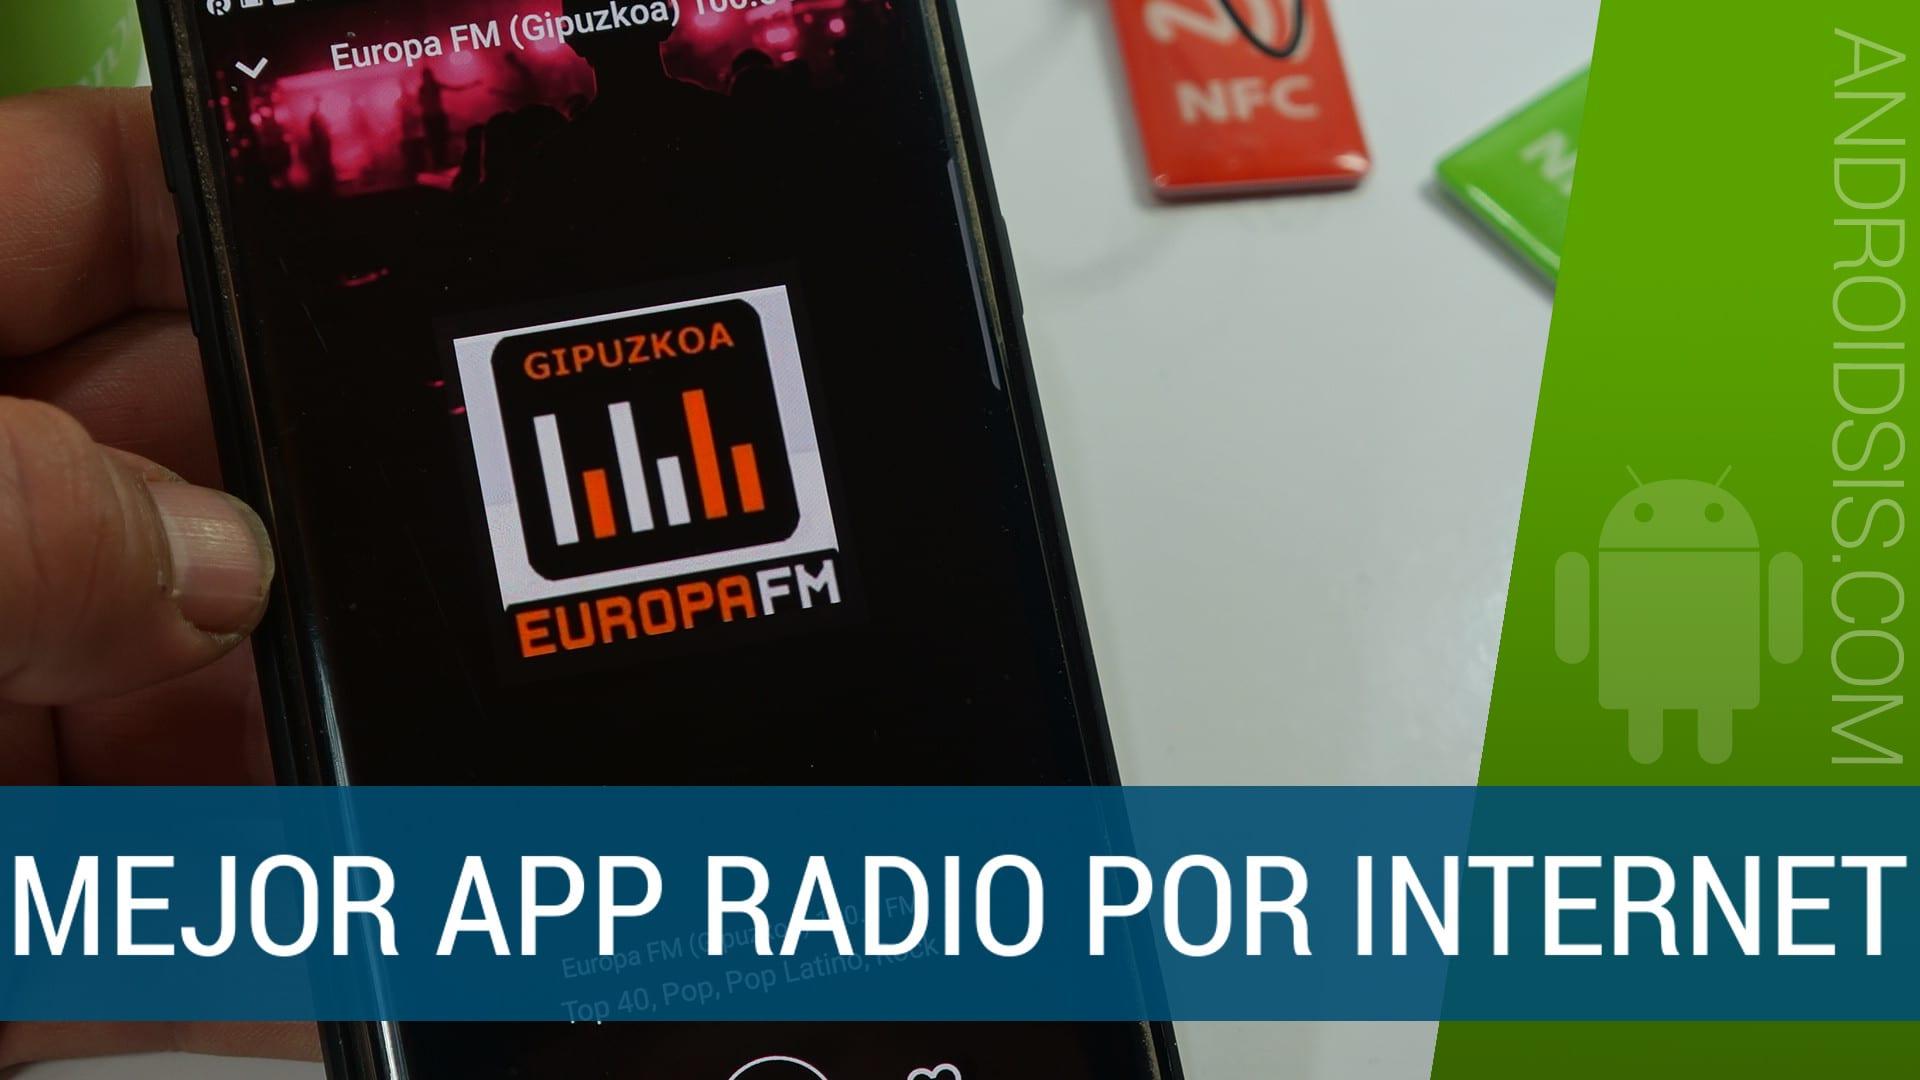 La mejor aplicación radio para Android